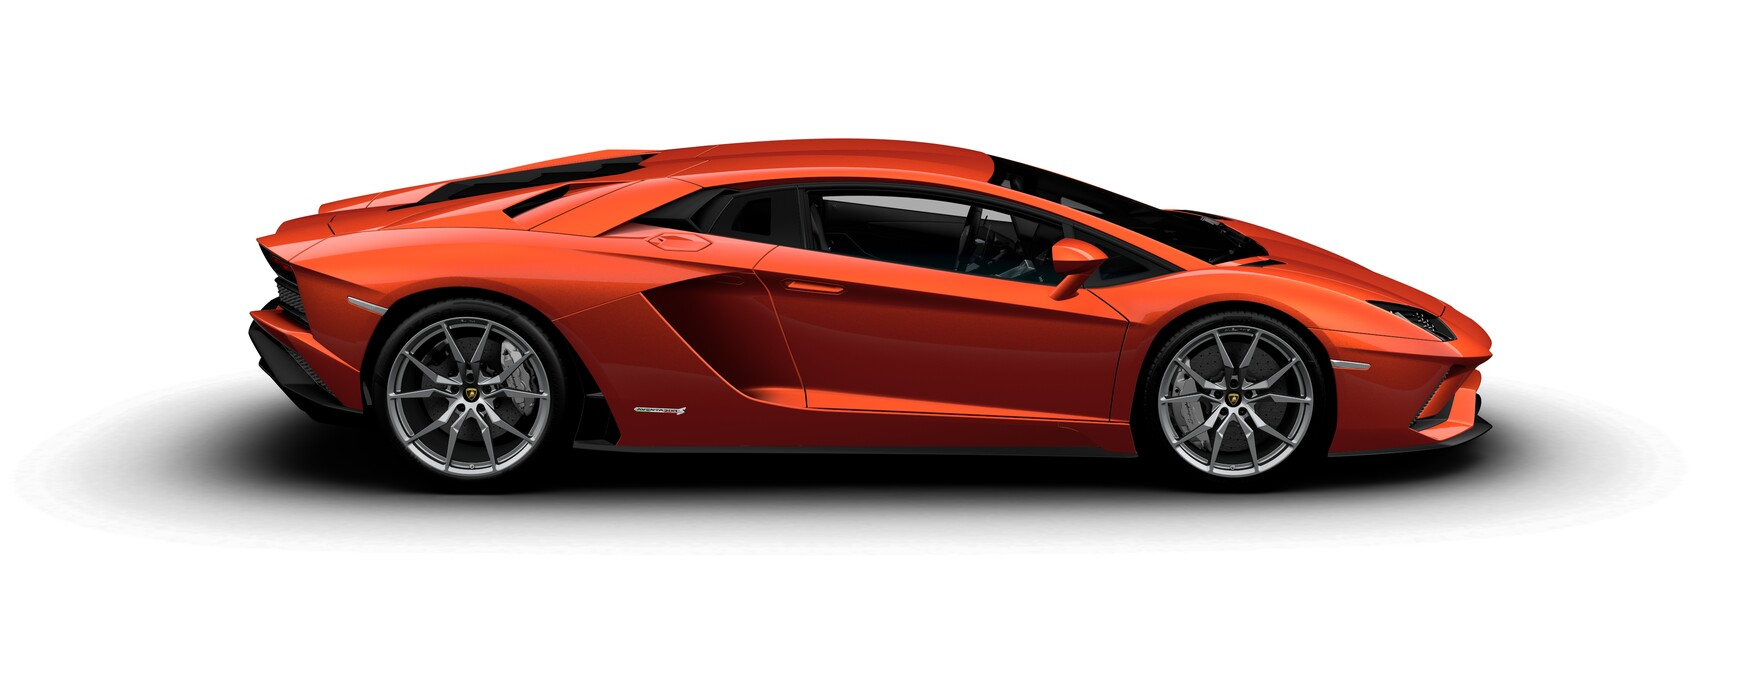 Lamborghini Aventador S Coupe pearl Arancio Argos side view